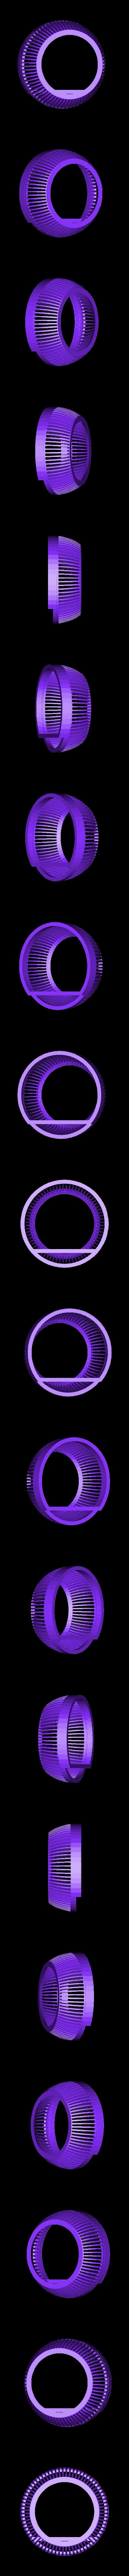 Drain_cover_bottom.stl Télécharger fichier STL gratuit Couvercle de drainage extérieur de la ruche • Objet pour imprimante 3D, Georgemacghay